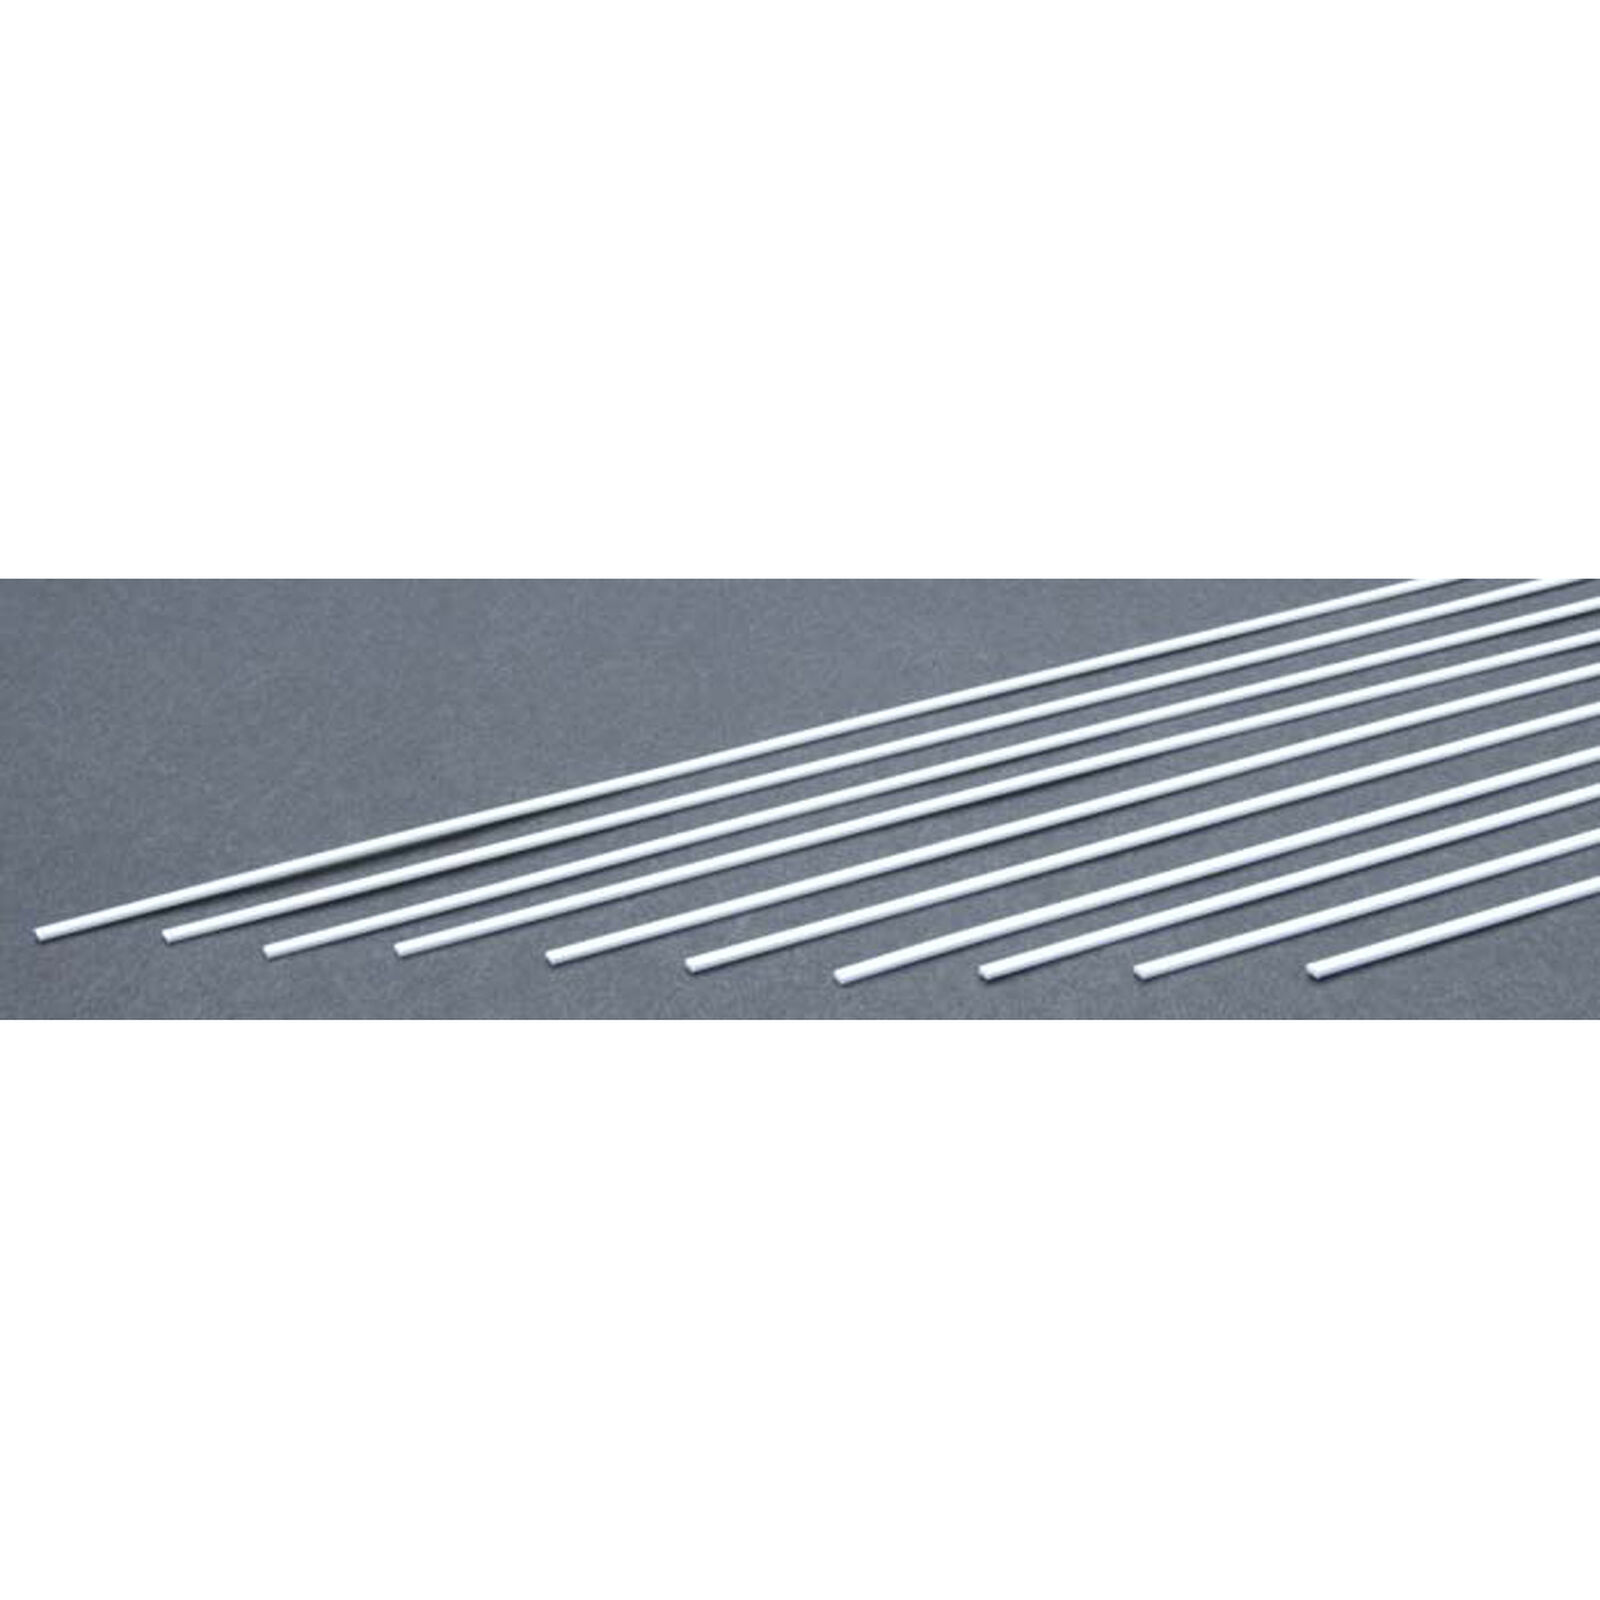 Strip .020 x .080 (10)